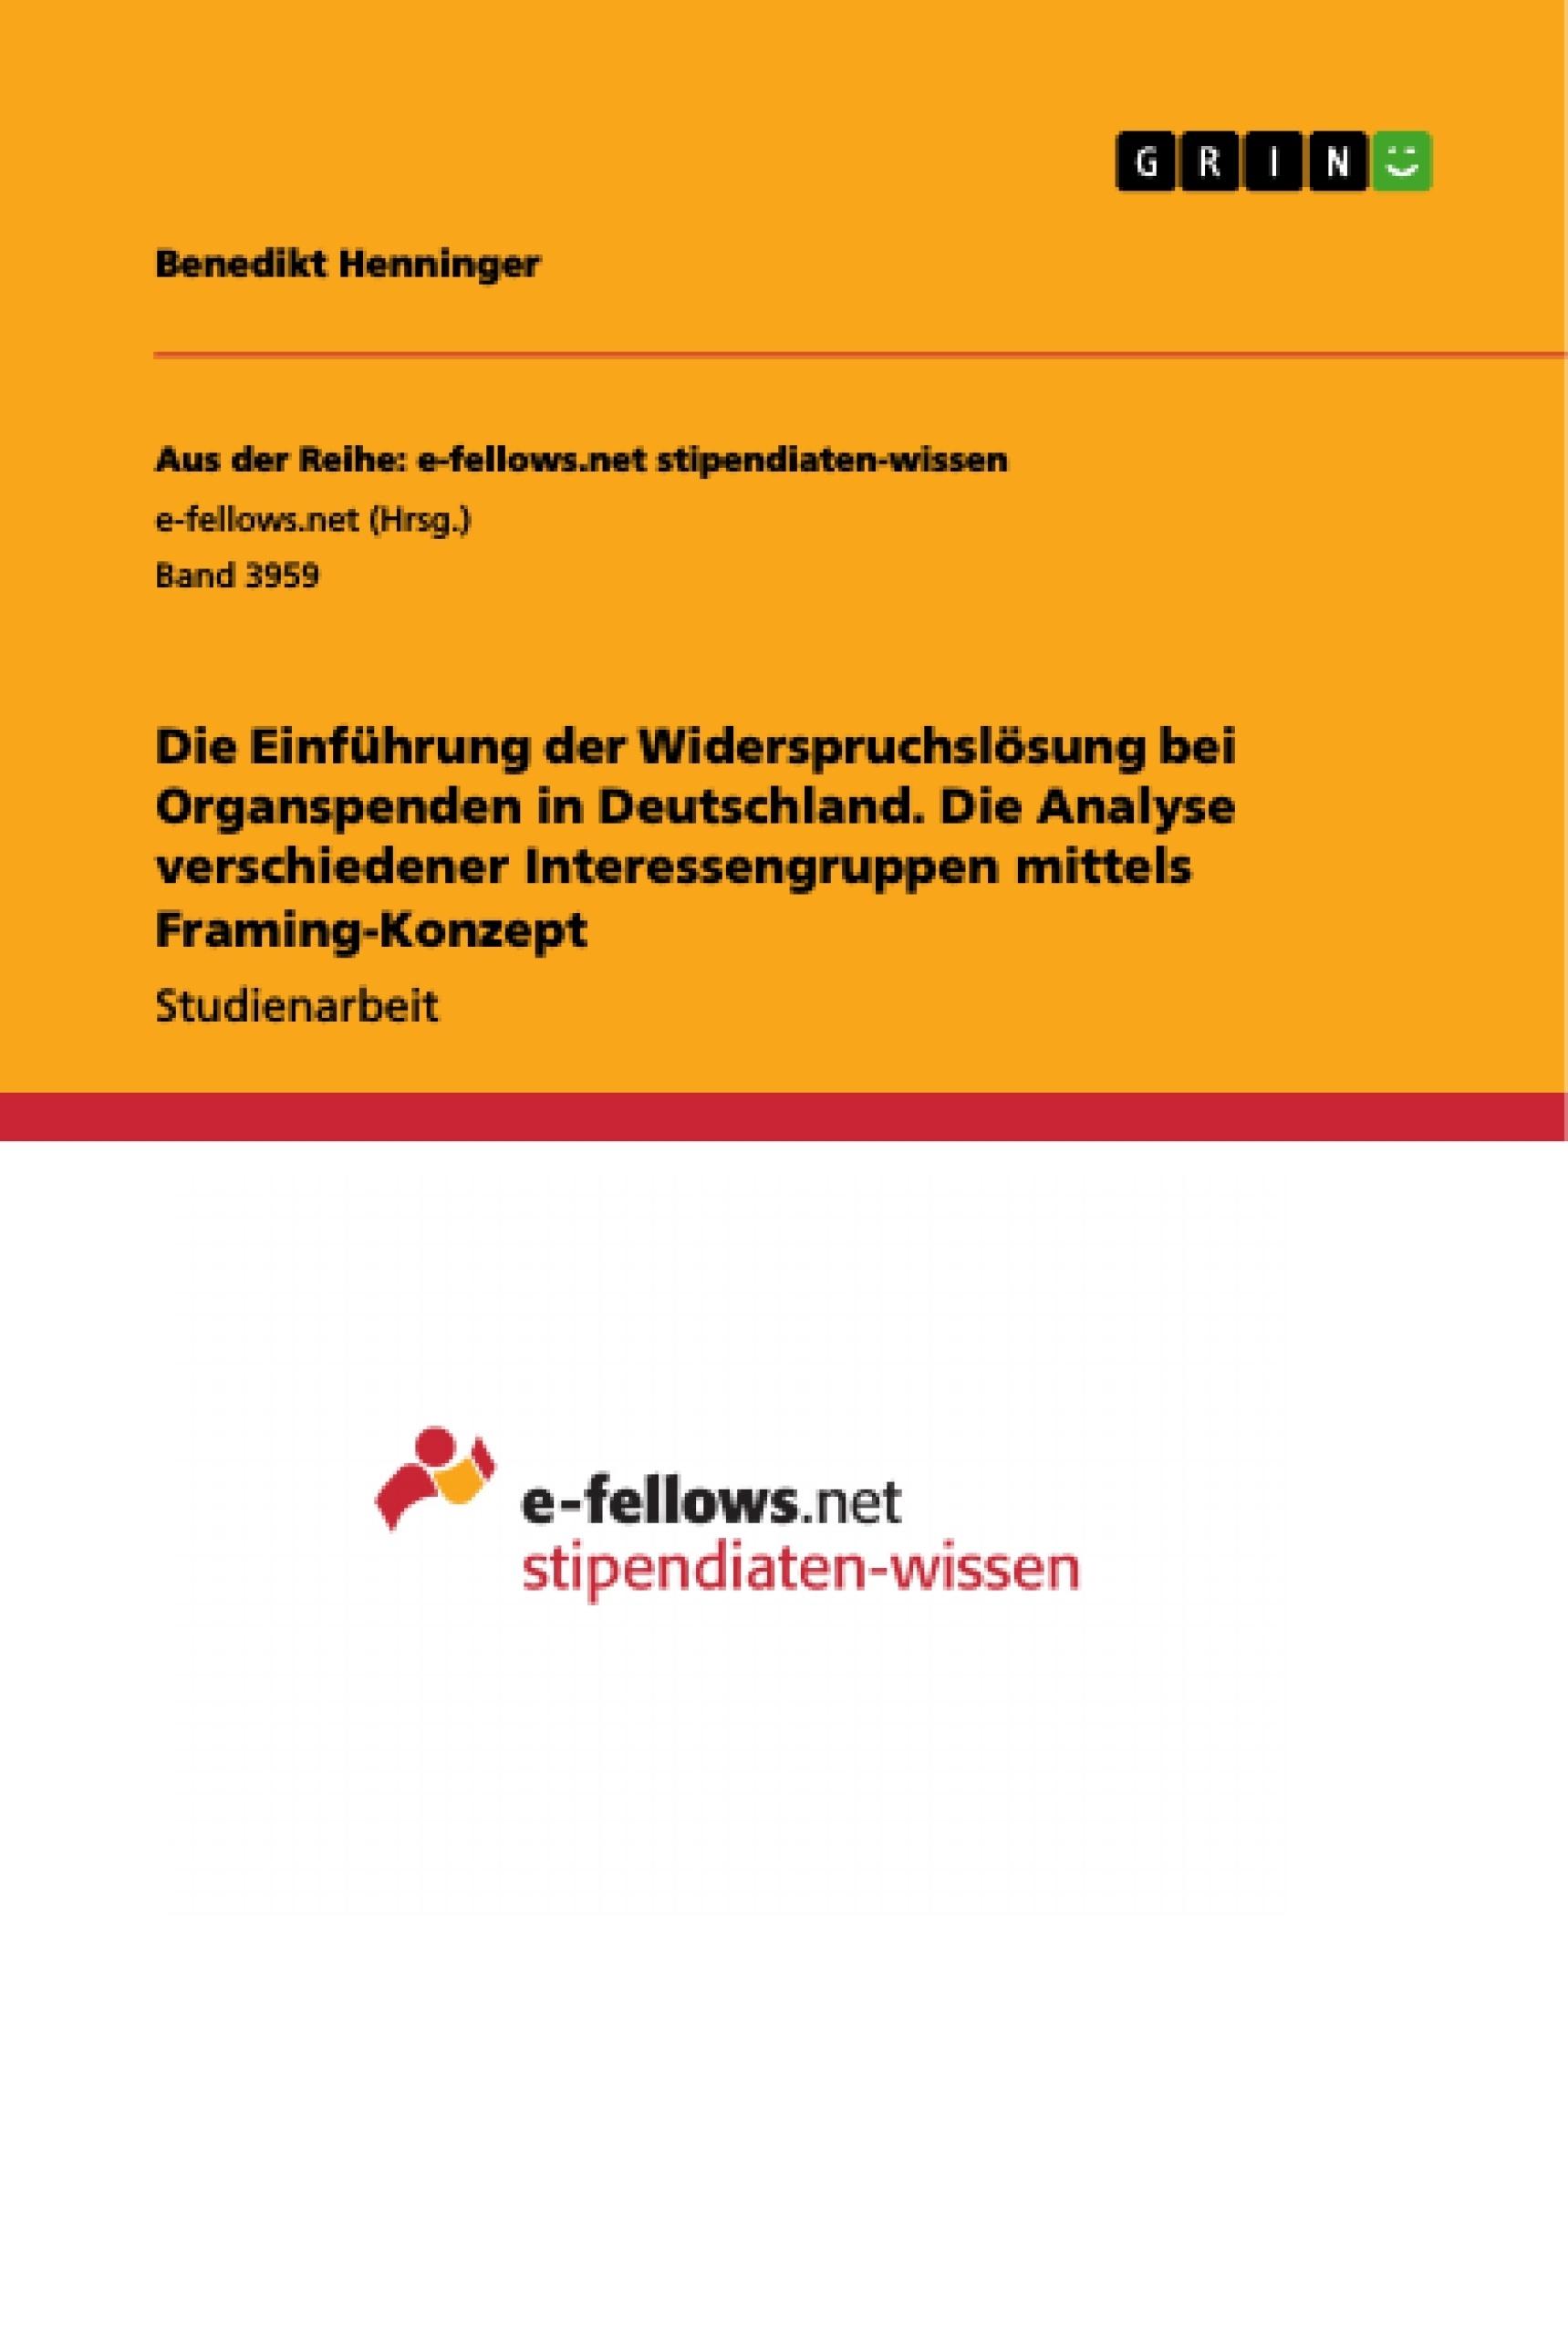 Titel: Die Einführung der Widerspruchslösung bei Organspenden in Deutschland. Die Analyse verschiedener Interessengruppen mittels Framing-Konzept